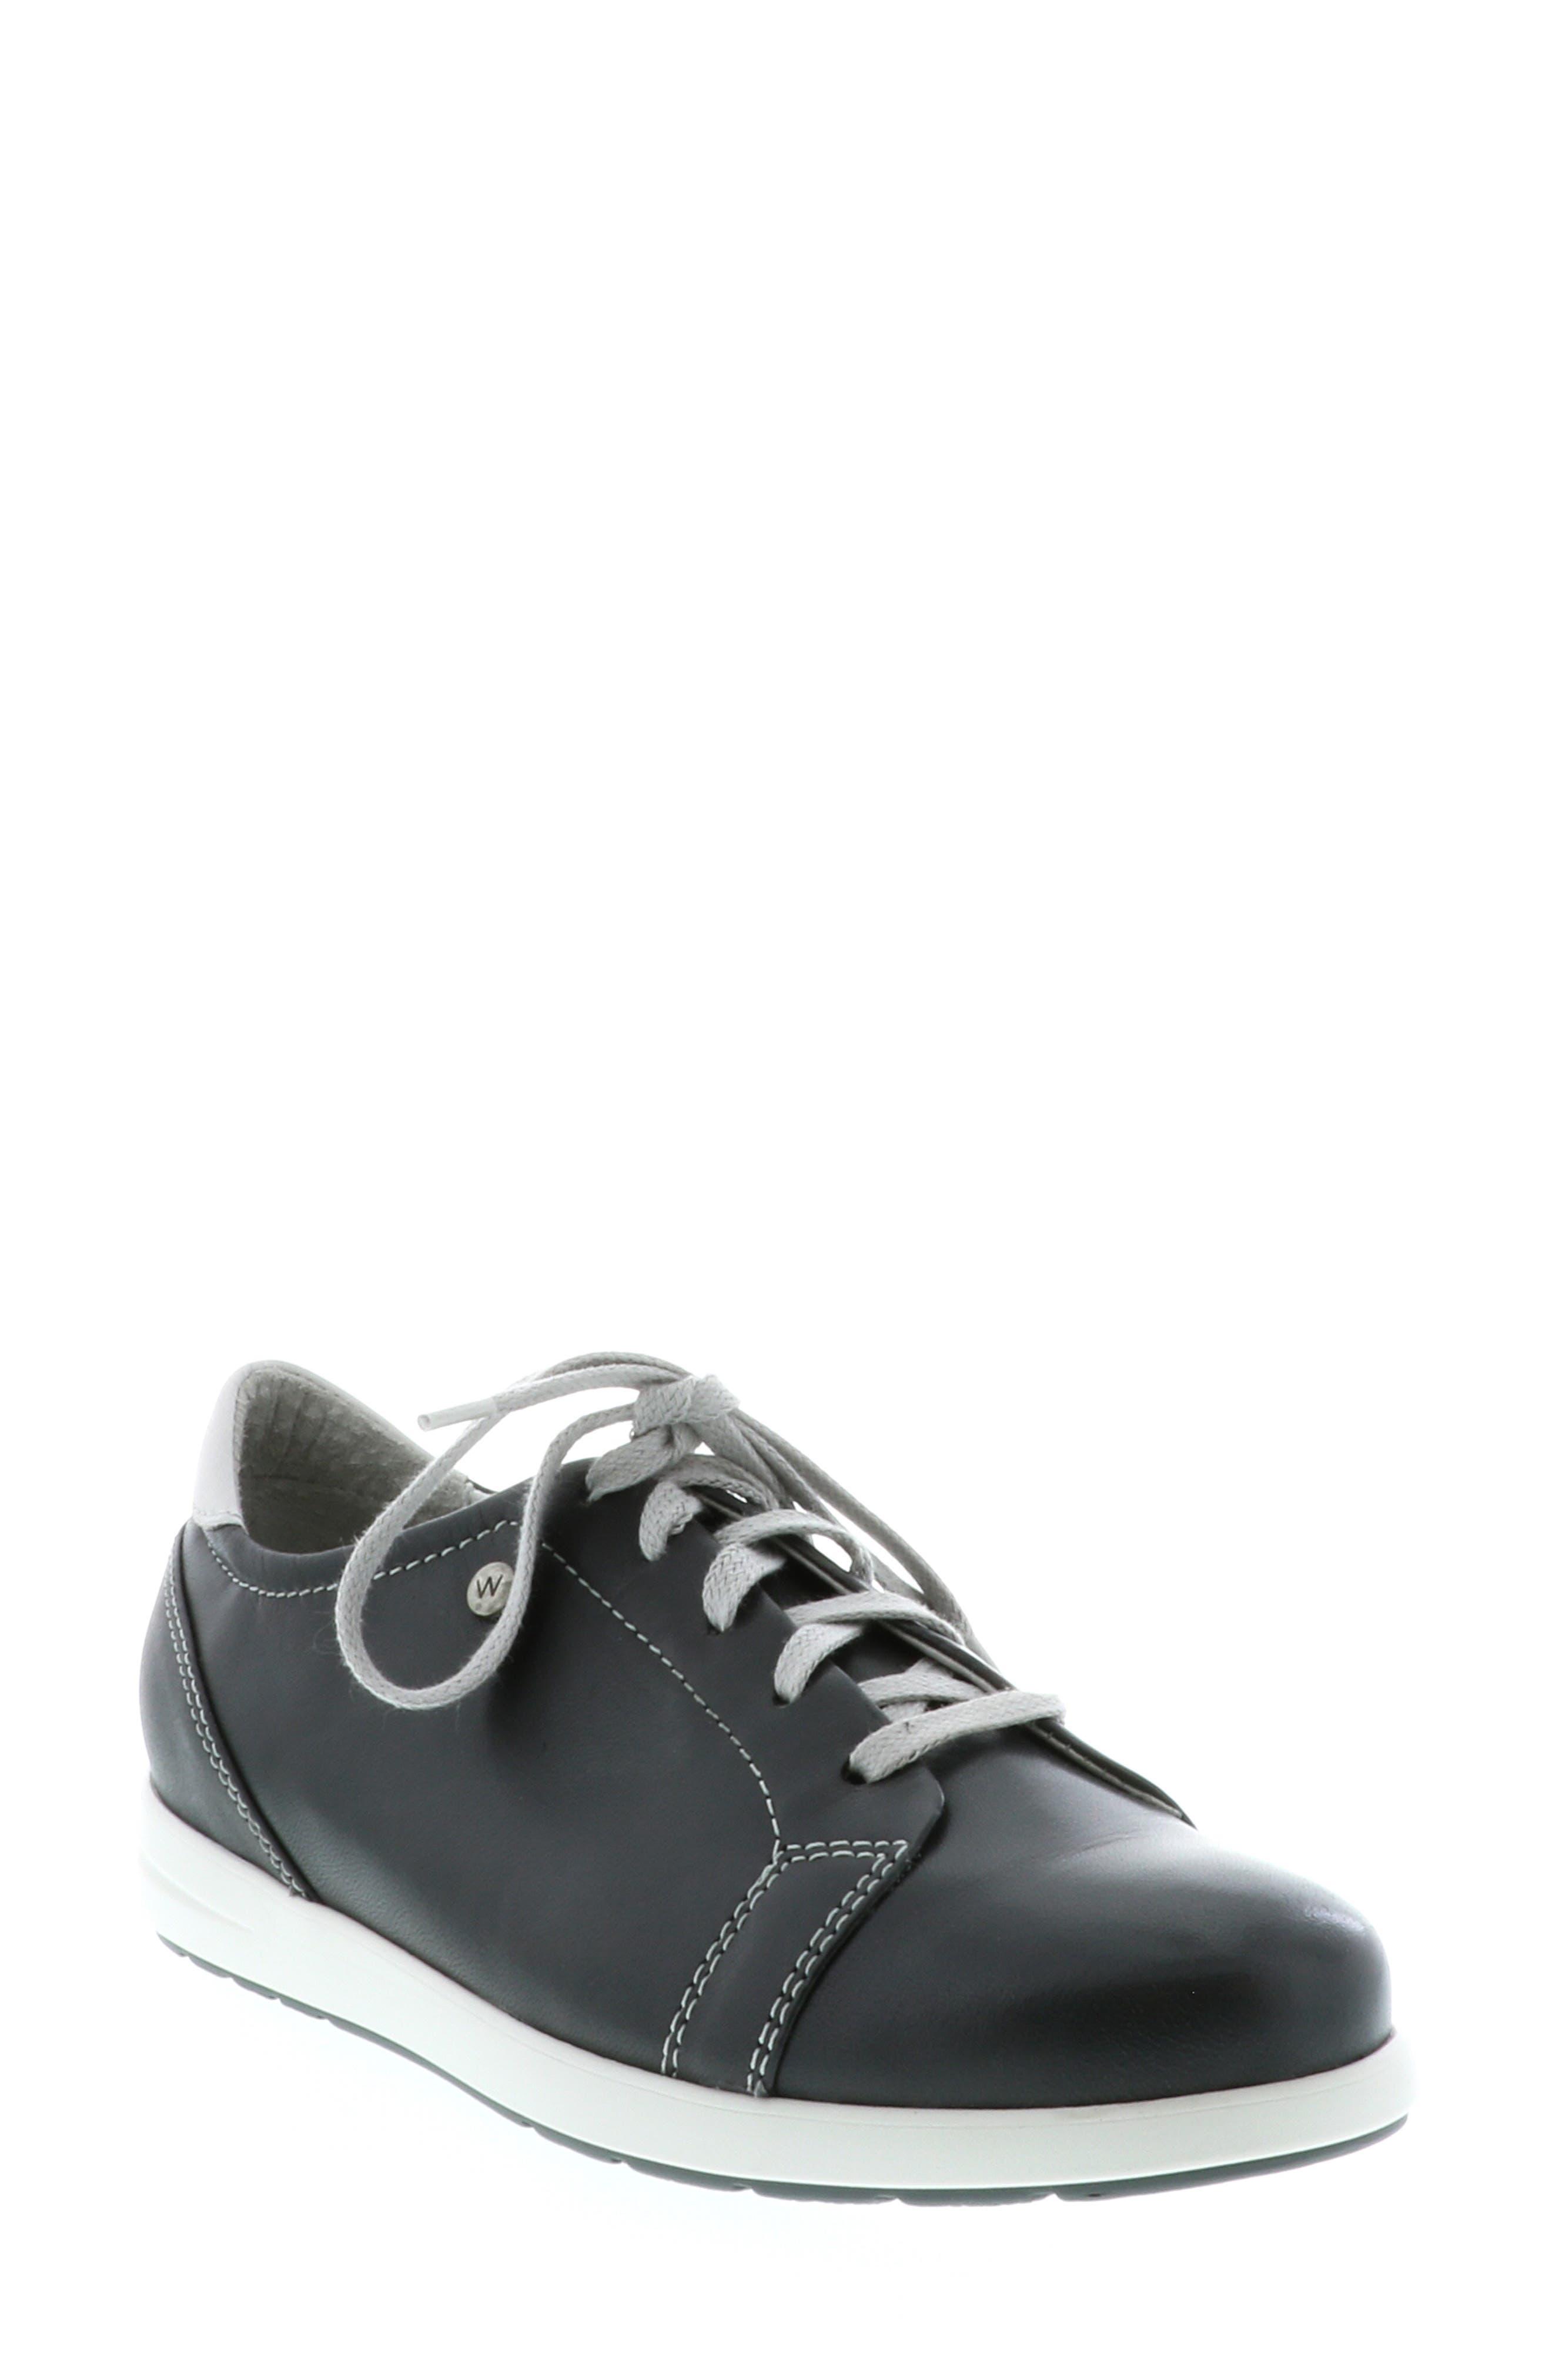 Wolky Kinetic Sneaker, Metallic